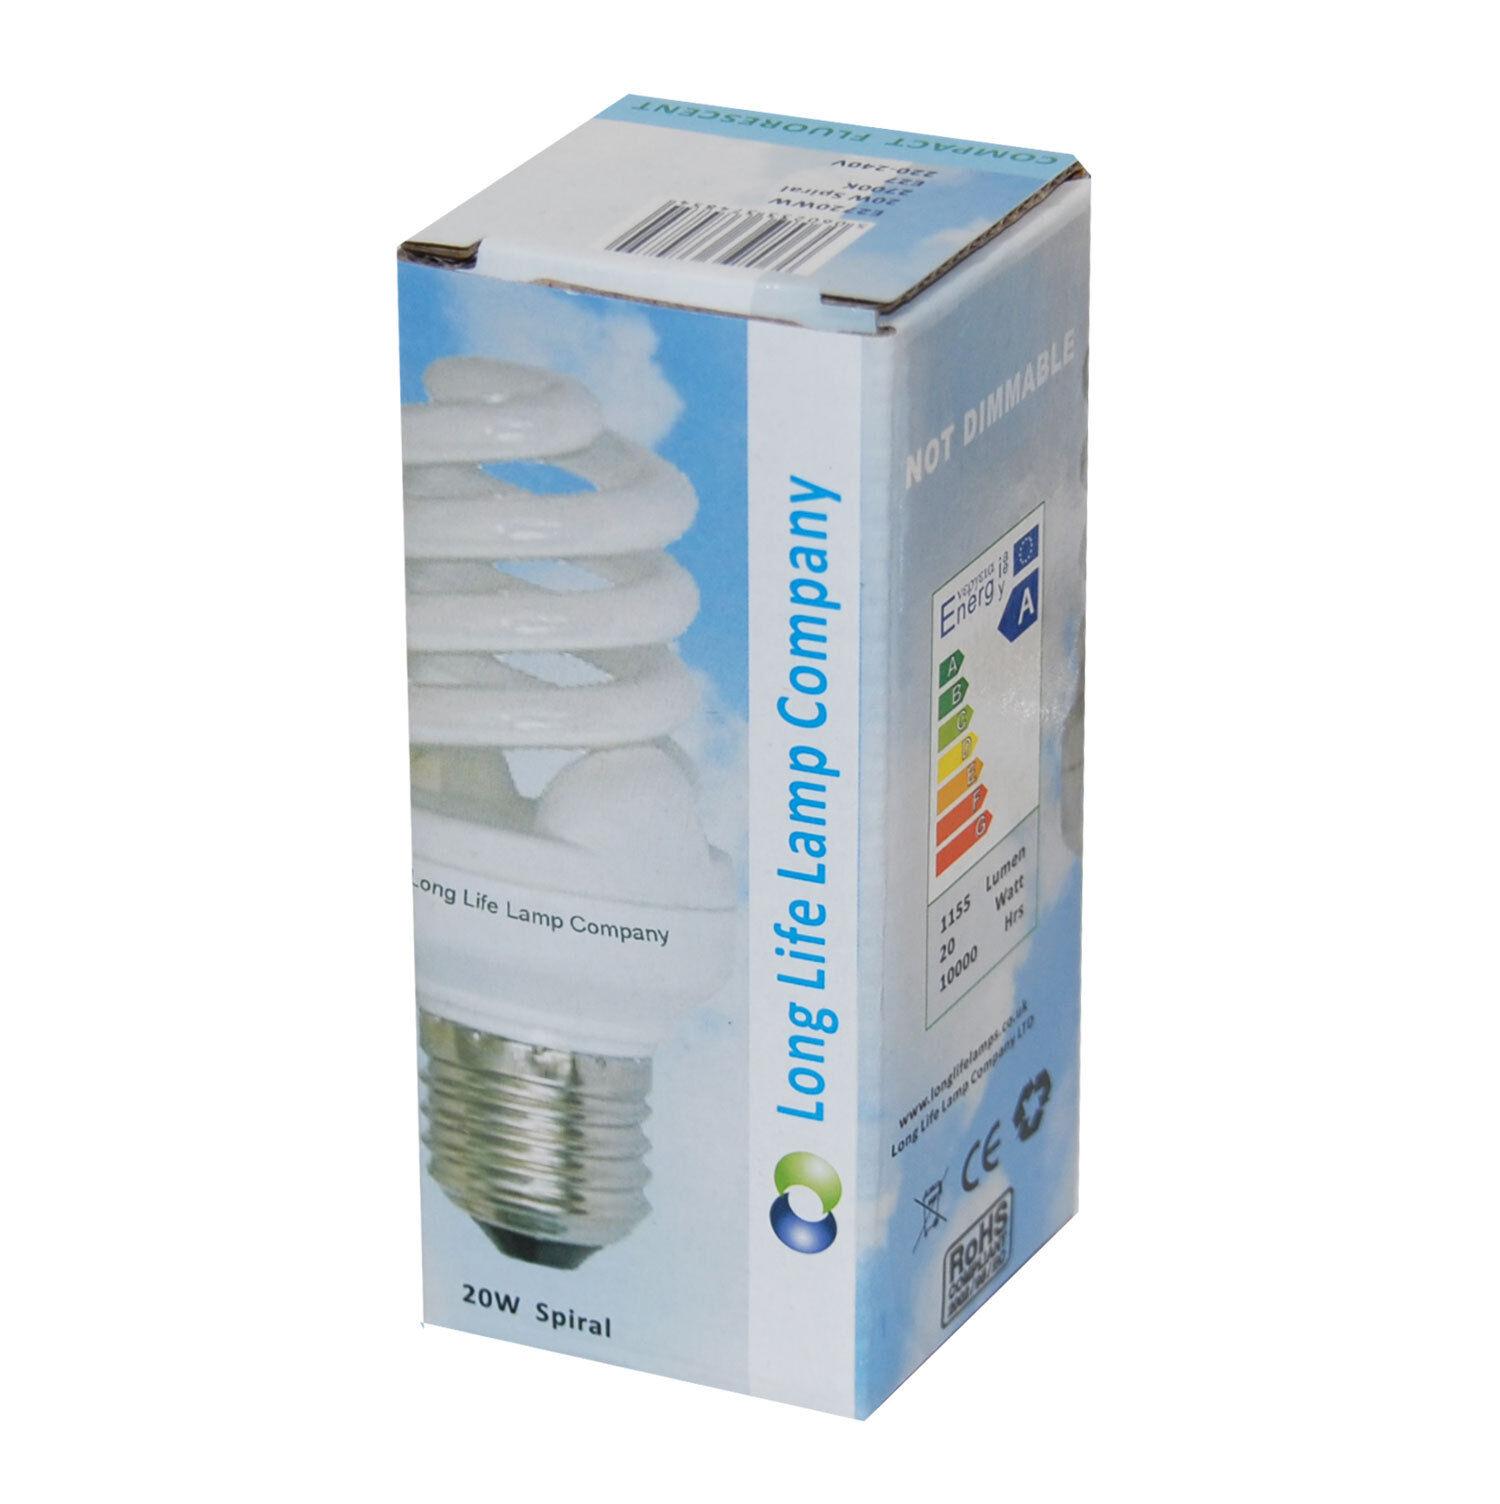 Light Equivalent Bulbs Saving Energy 100w